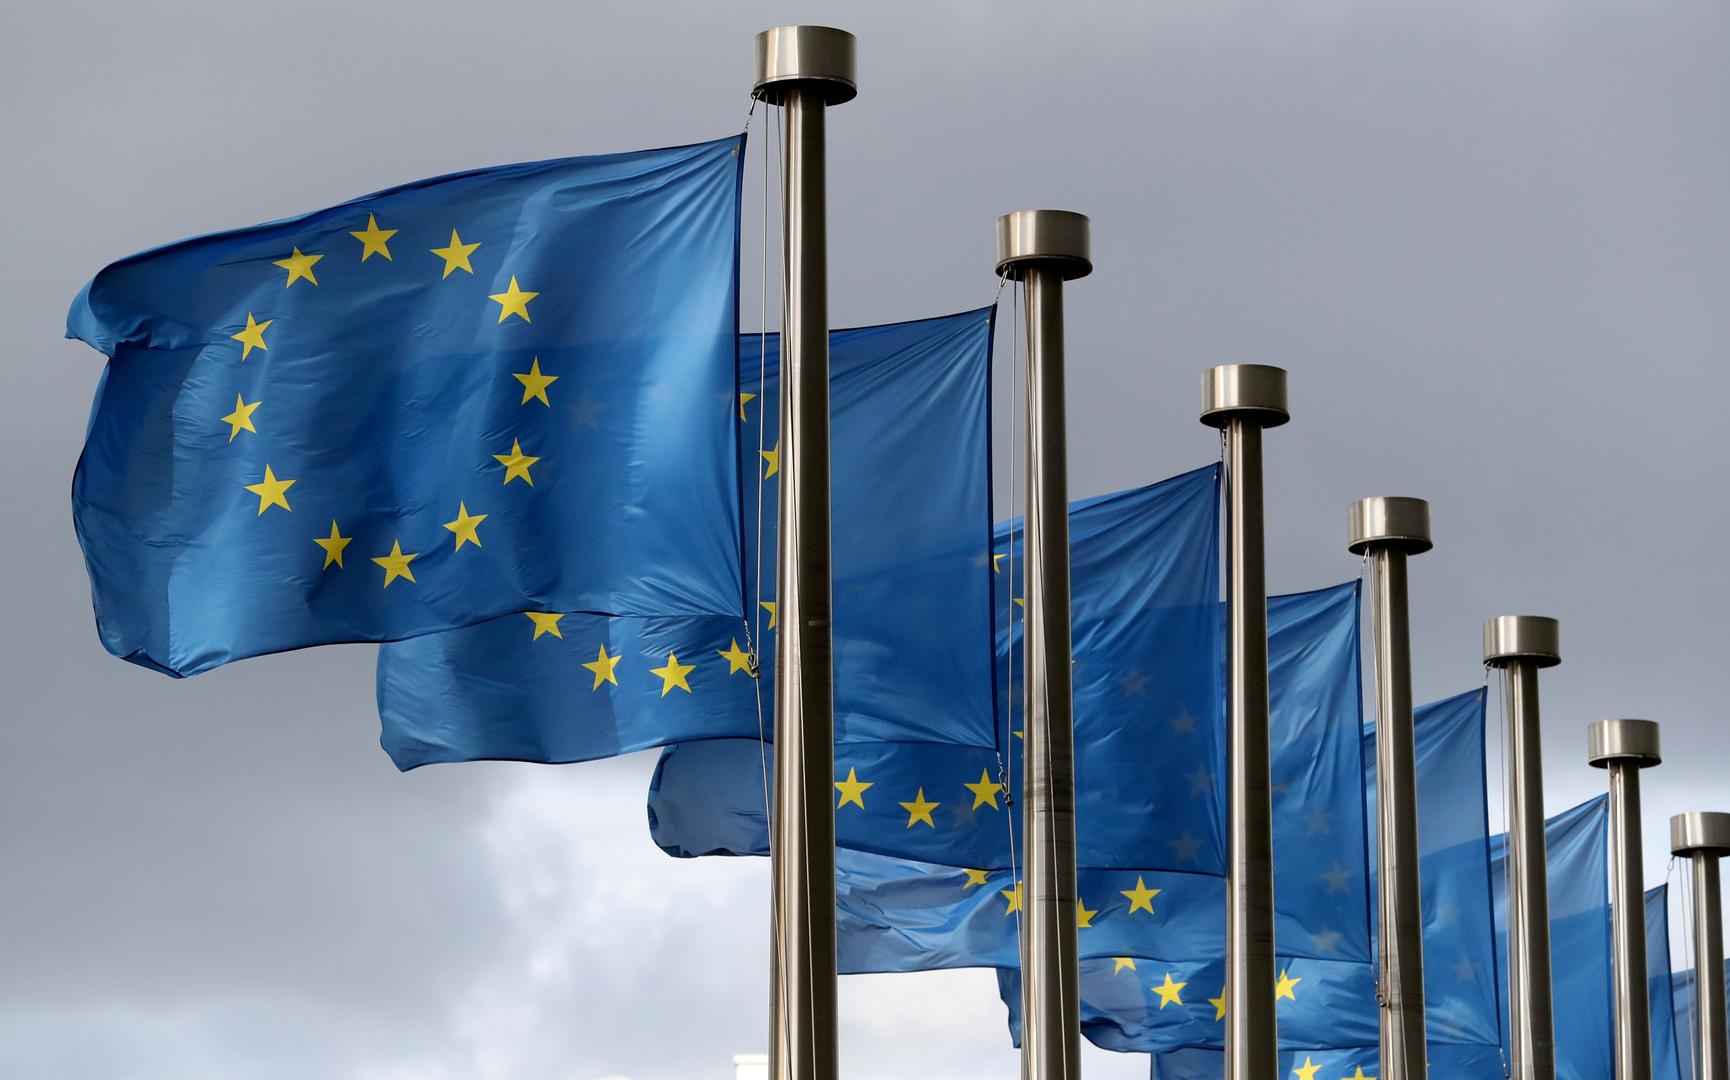 مسؤولون كبار في الاتحاد الأوروبي على خلفية أحداث أفغانستان: نحتاج إلى استقلالية أكبر